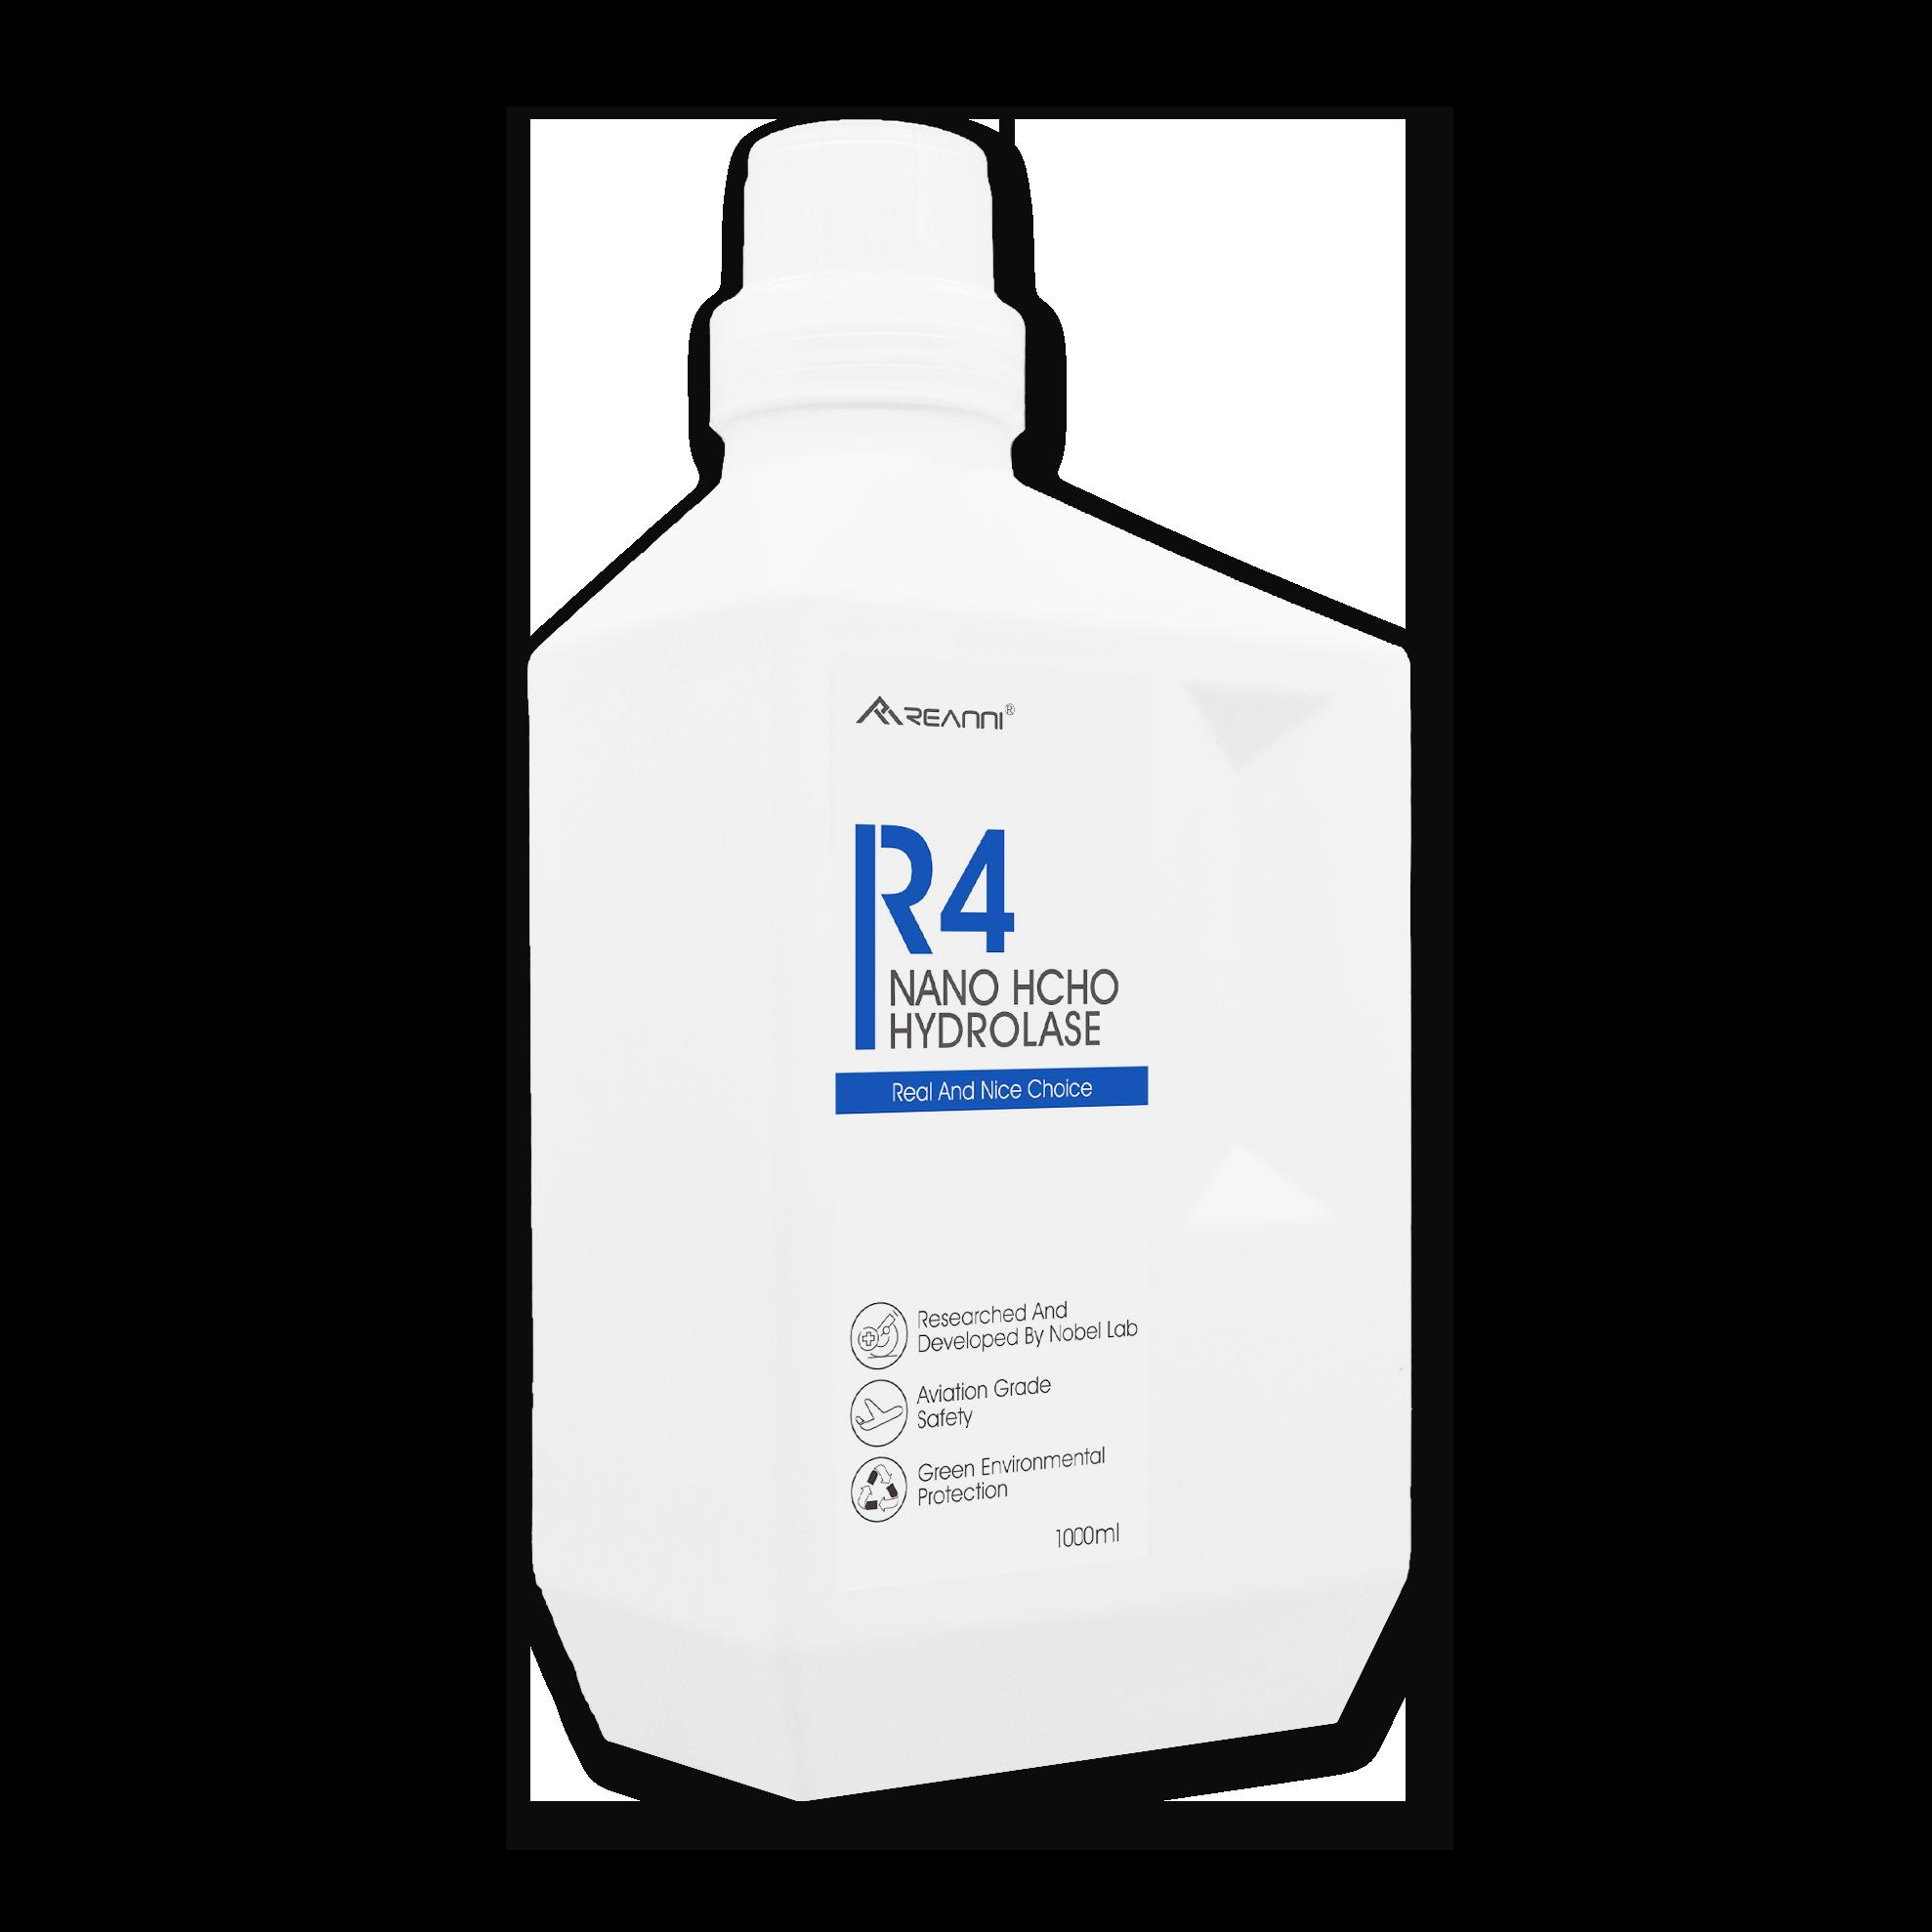 R4纳米甲醛分解酶